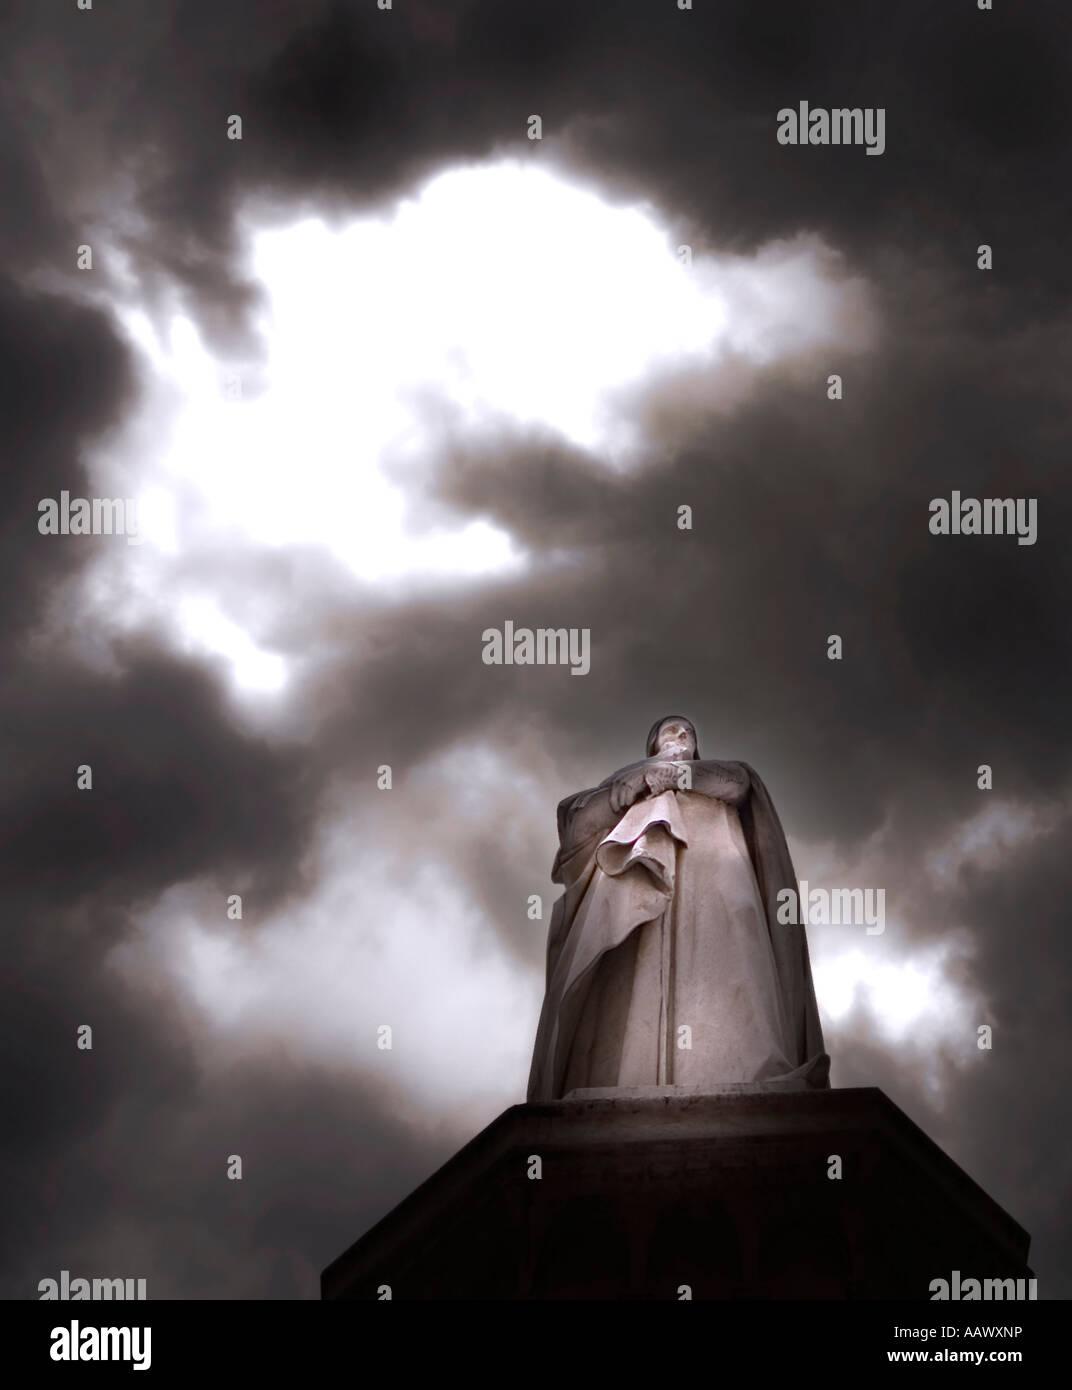 Moody image of the statue of Dante in the Piazza dei Signori Verona Italy - Stock Image